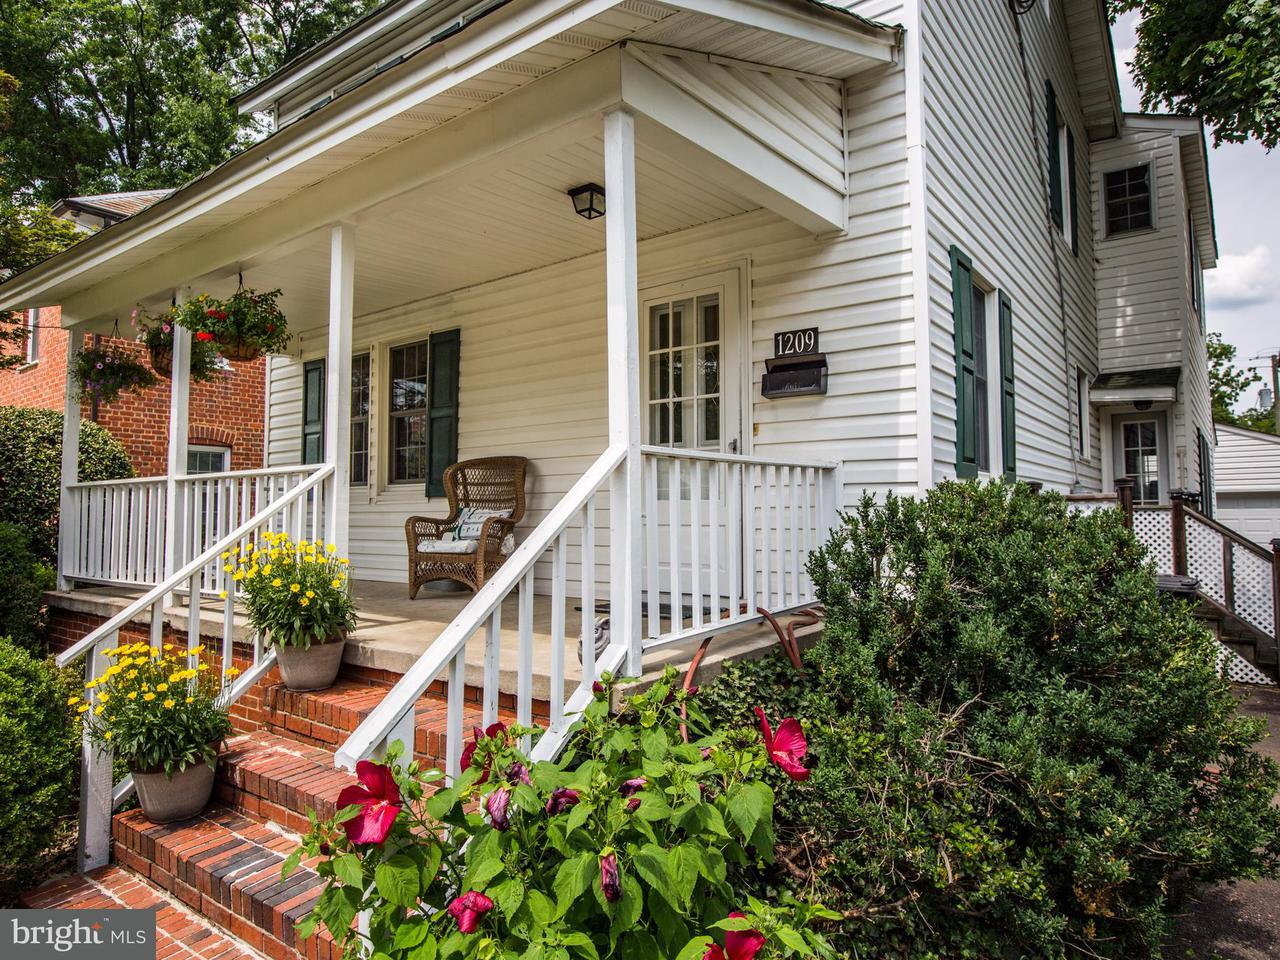 獨棟家庭住宅 為 出售 在 1209 Littlepage Street 1209 Littlepage Street Fredericksburg, 弗吉尼亞州 22401 美國